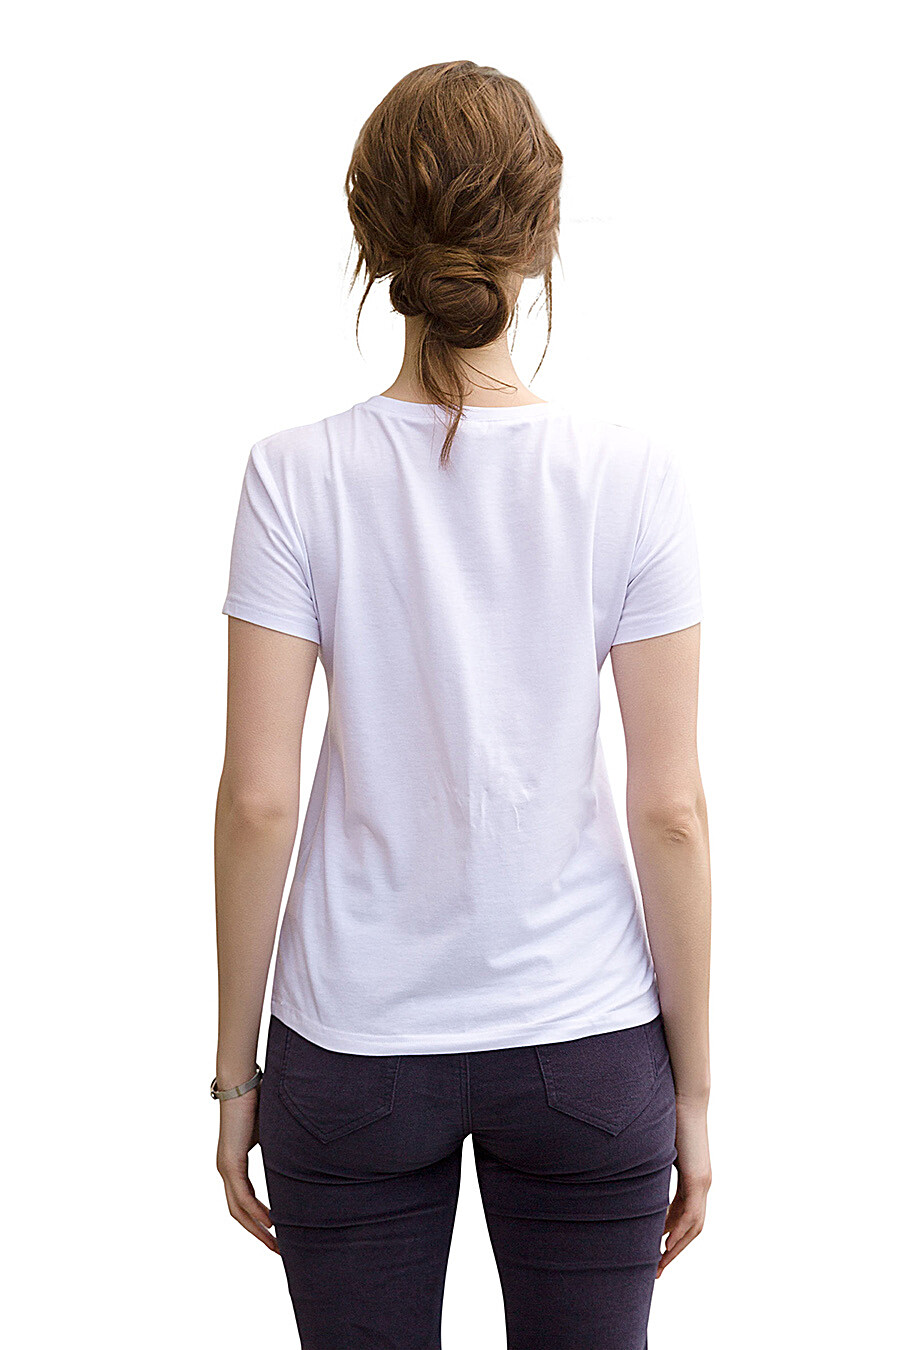 Футболка для женщин PELICAN 146732 купить оптом от производителя. Совместная покупка женской одежды в OptMoyo